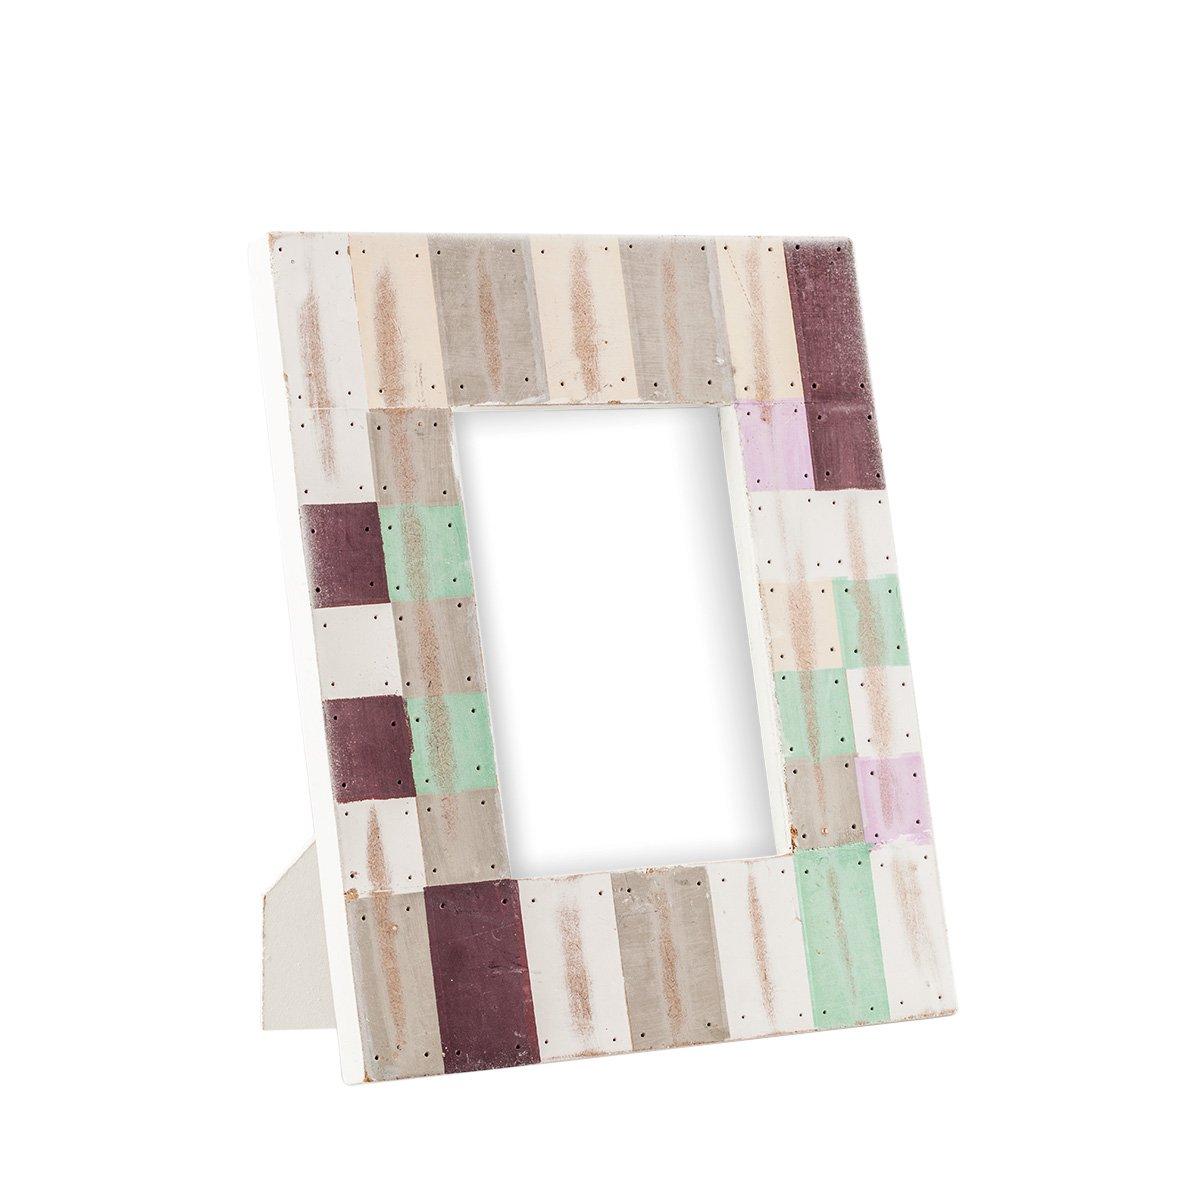 Portaretrato de madera decorado mosaico de color 7 sears - Mosaico de madera ...